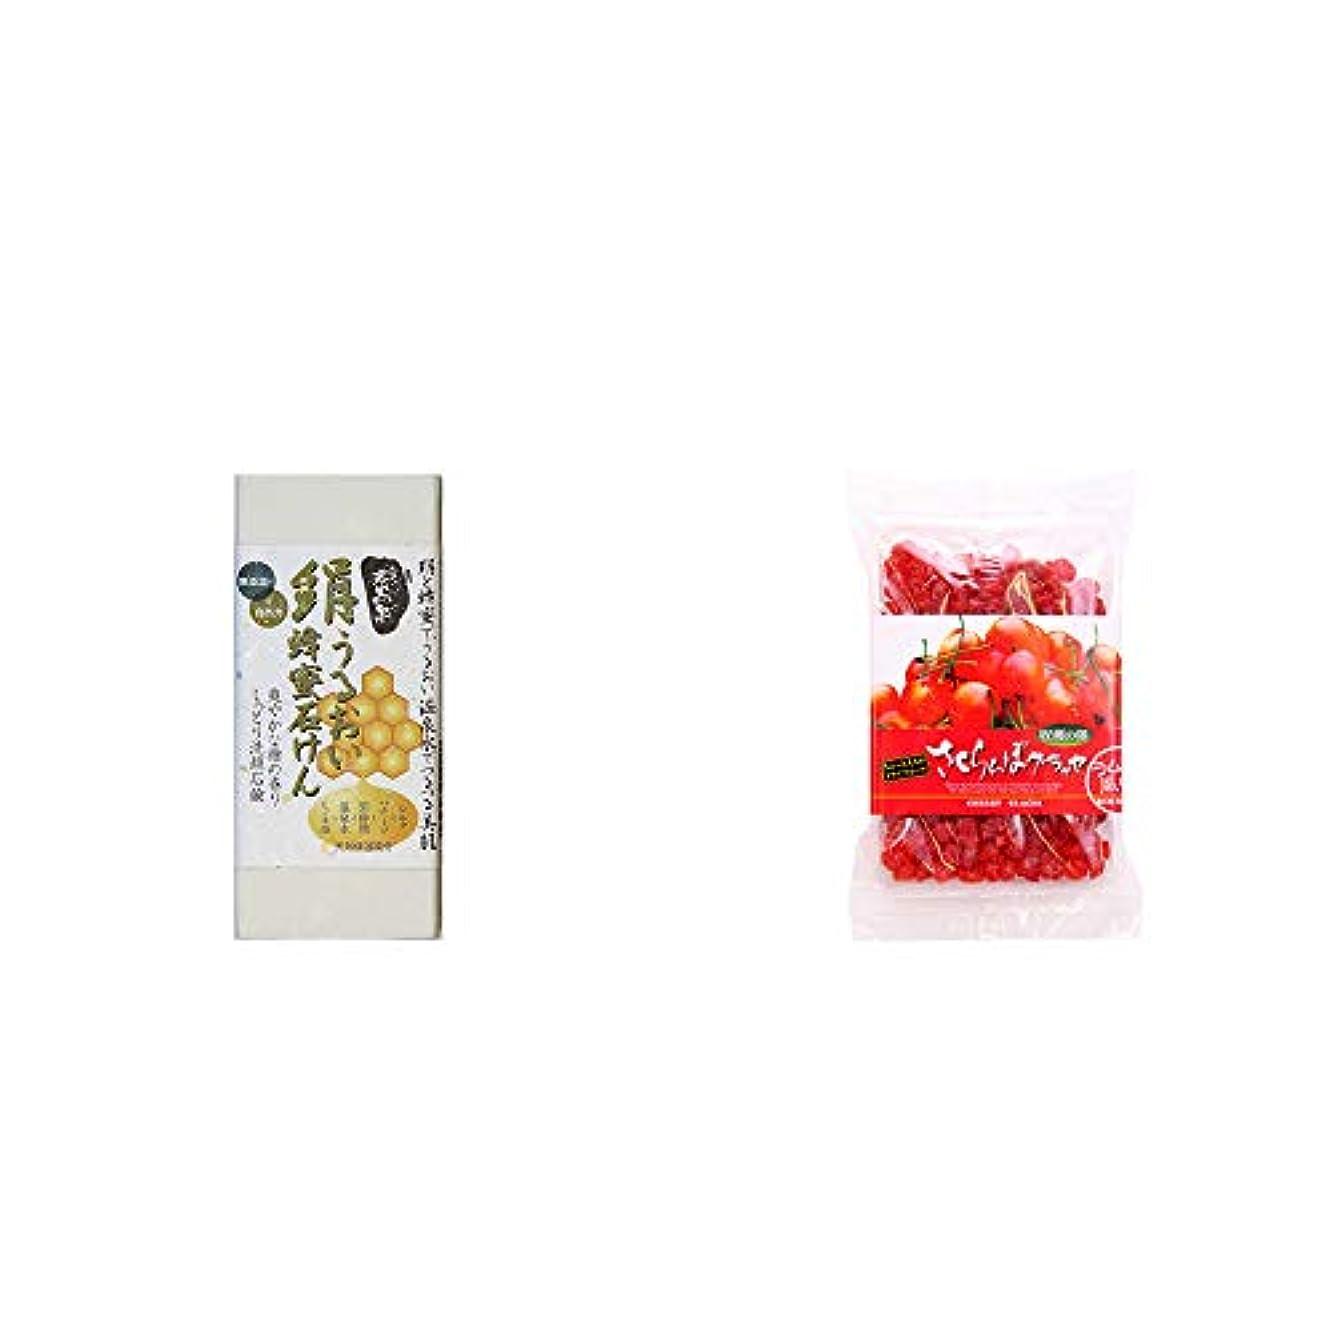 モック八首[2点セット] ひのき炭黒泉 絹うるおい蜂蜜石けん(75g×2)?収穫の朝 さくらんぼグラッセ ラム酒風味(180g)